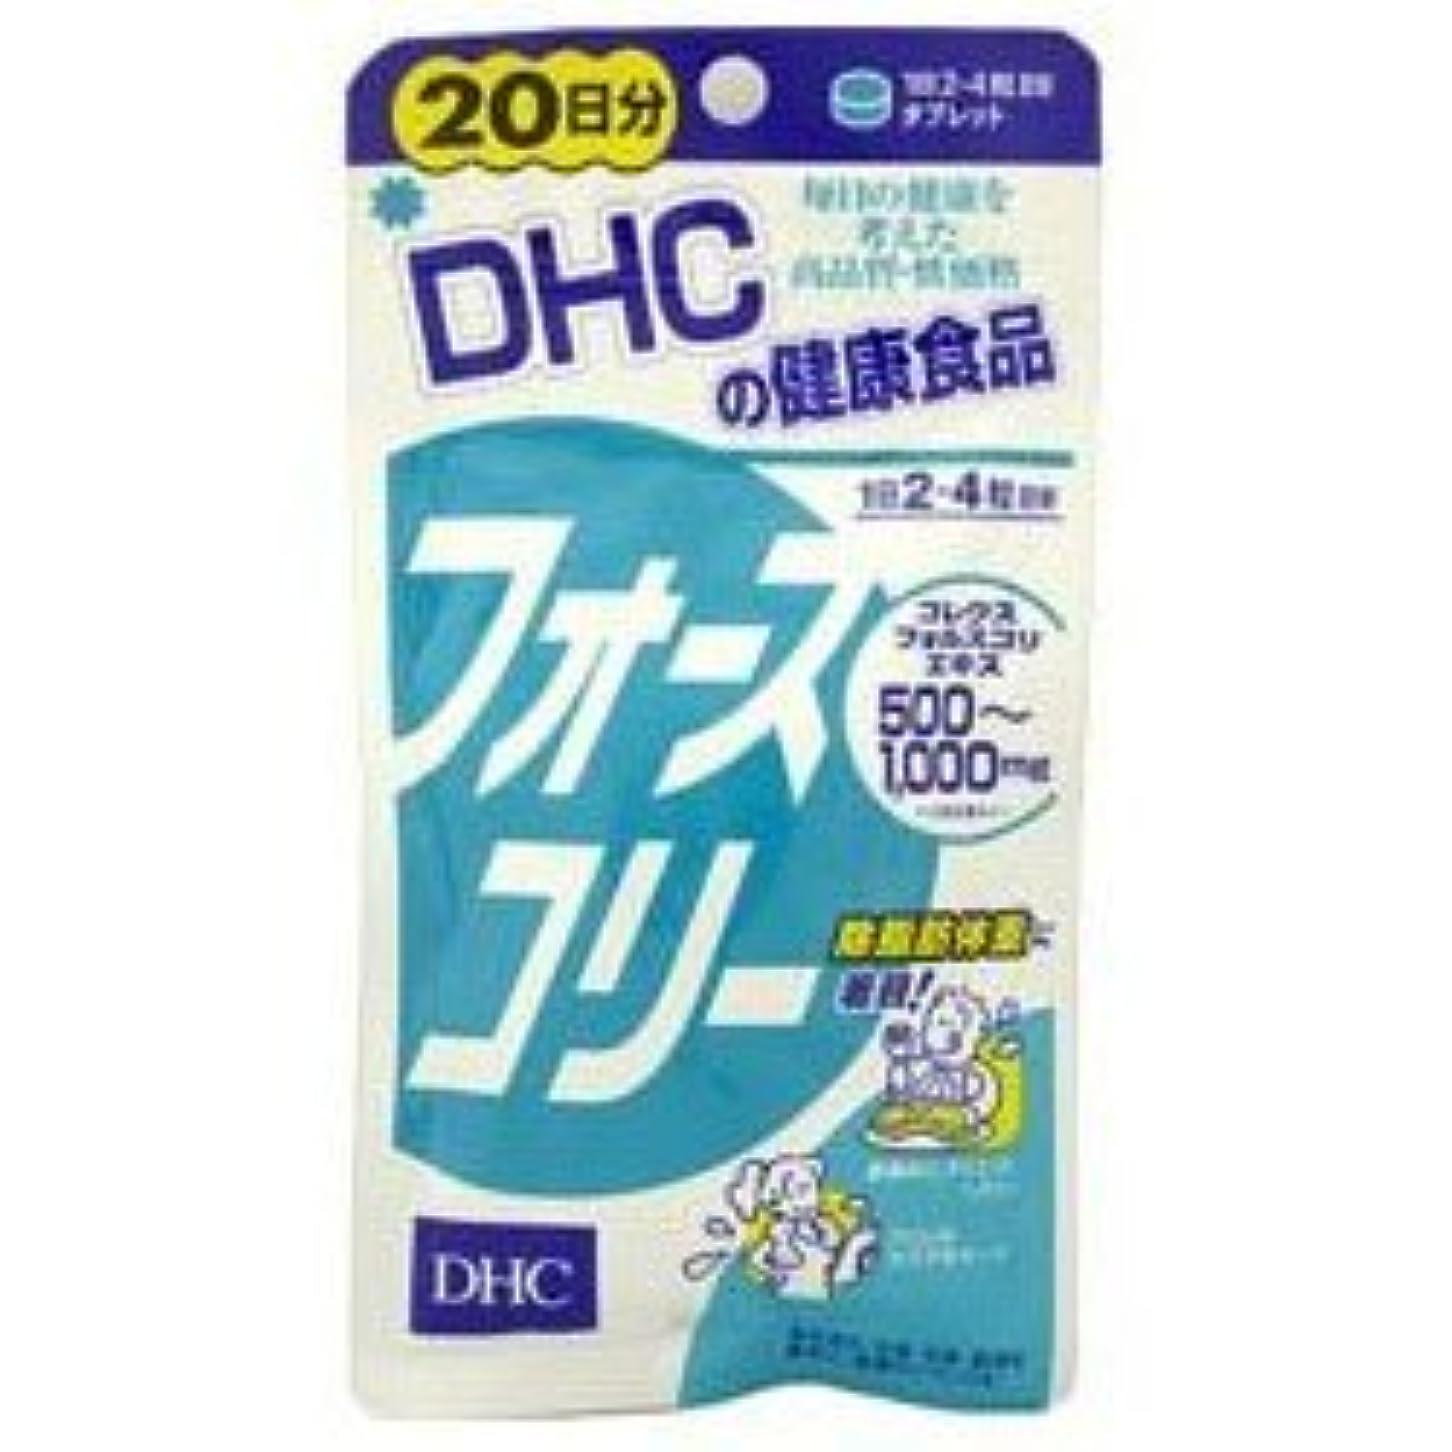 ガチョウ日修復【DHC】フォースコリー 20日分 (32.4g) ×20個セット